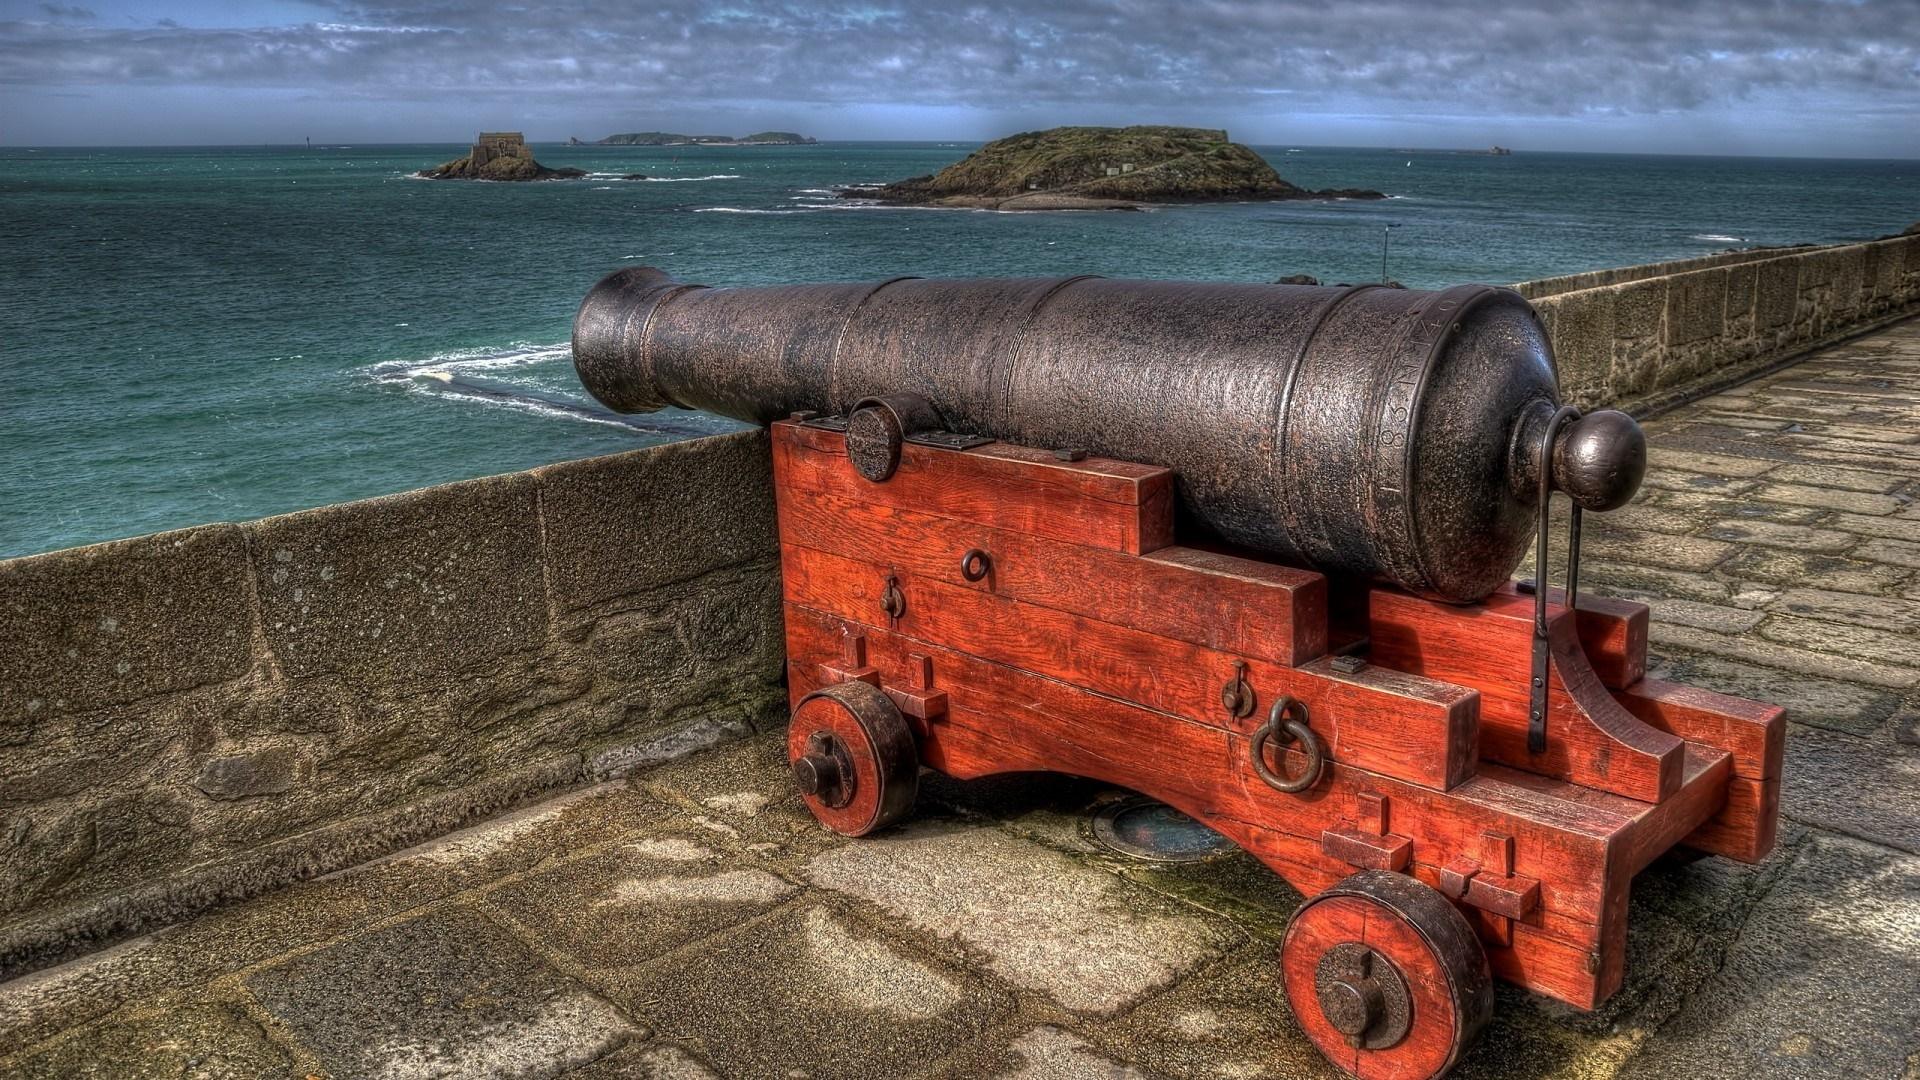 Картинка: Оружие, пушка, море, стена, небо, крепость, Франция, Сен-Мало, Saint-Malo